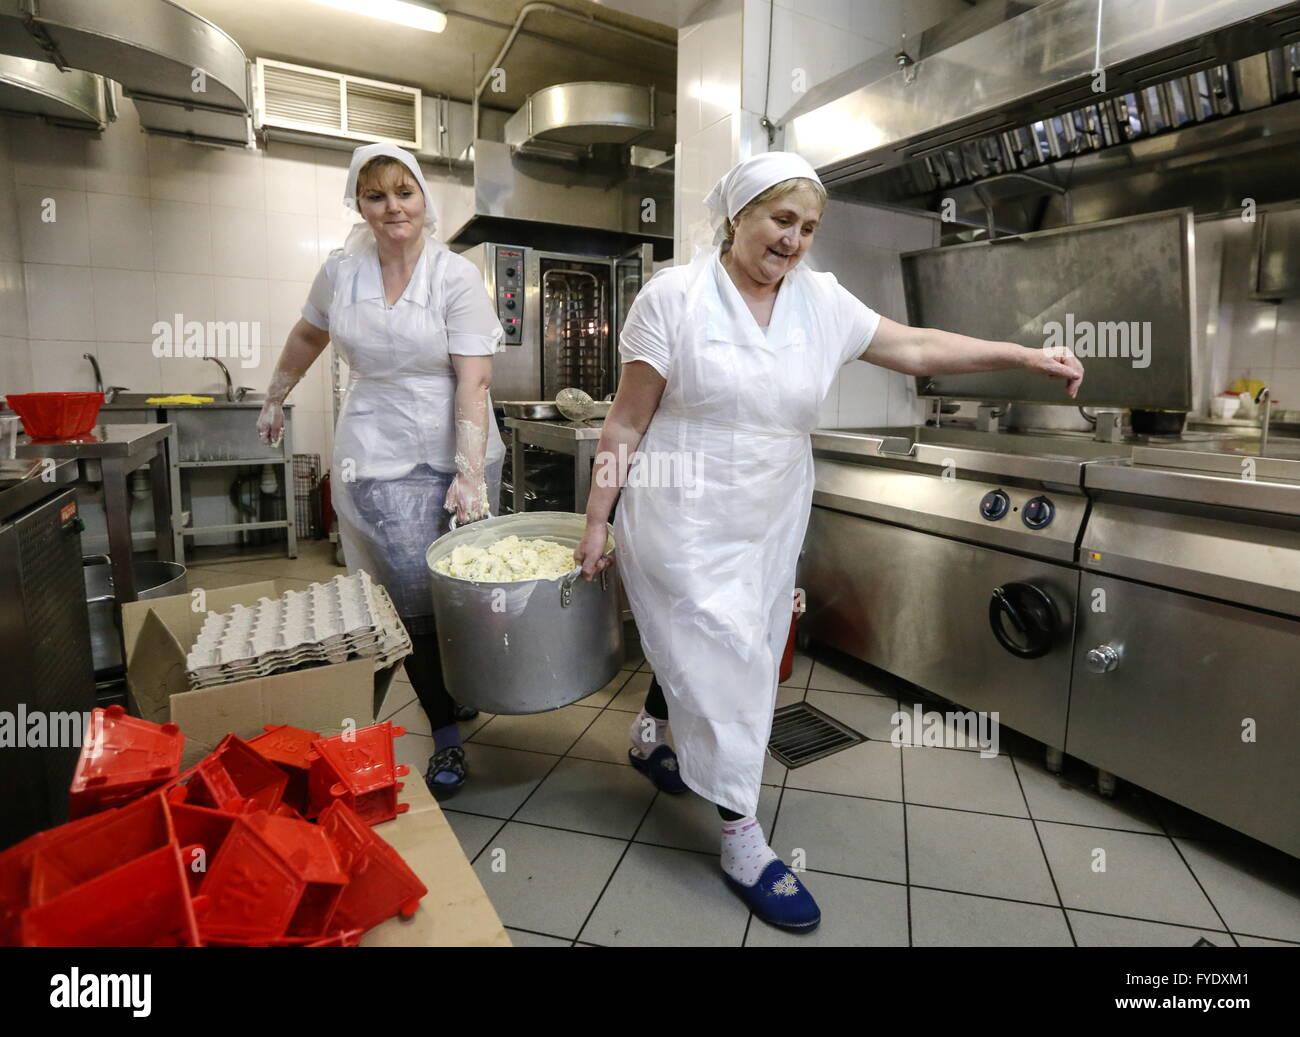 moskau russland 26 april 2016 teig vorbereiten zum backen ostern kuchen im svyato danilow. Black Bedroom Furniture Sets. Home Design Ideas